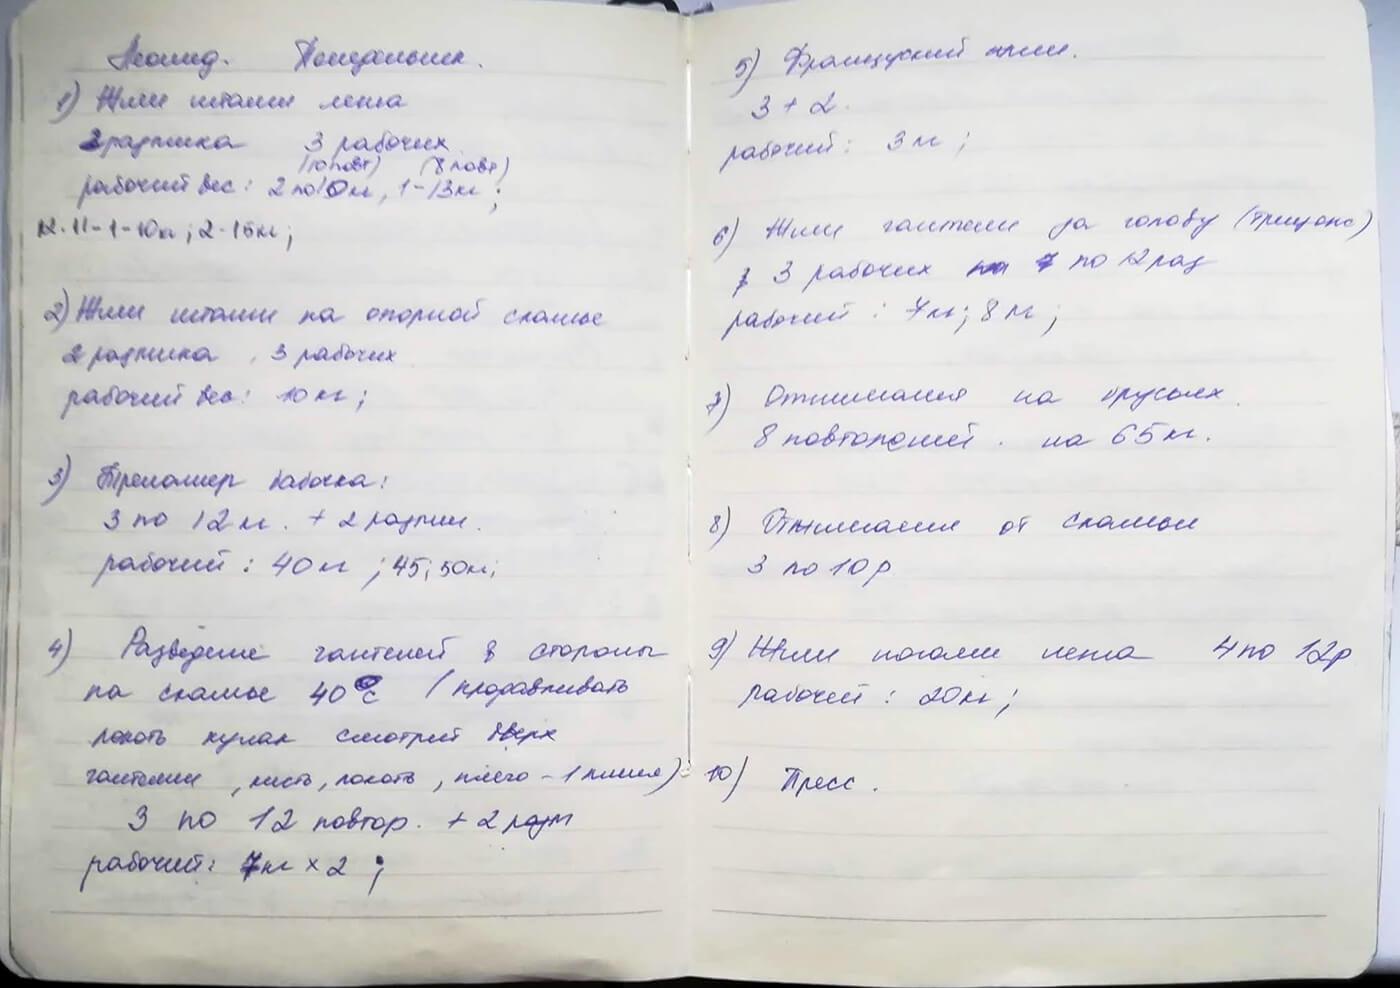 Так выглядит план индивидуальных тренировок. Я сама его разрабатываю и записываю в блокнот. Ученикам план тренировок на руки не выдаю, поскольку регулярно его корректирую